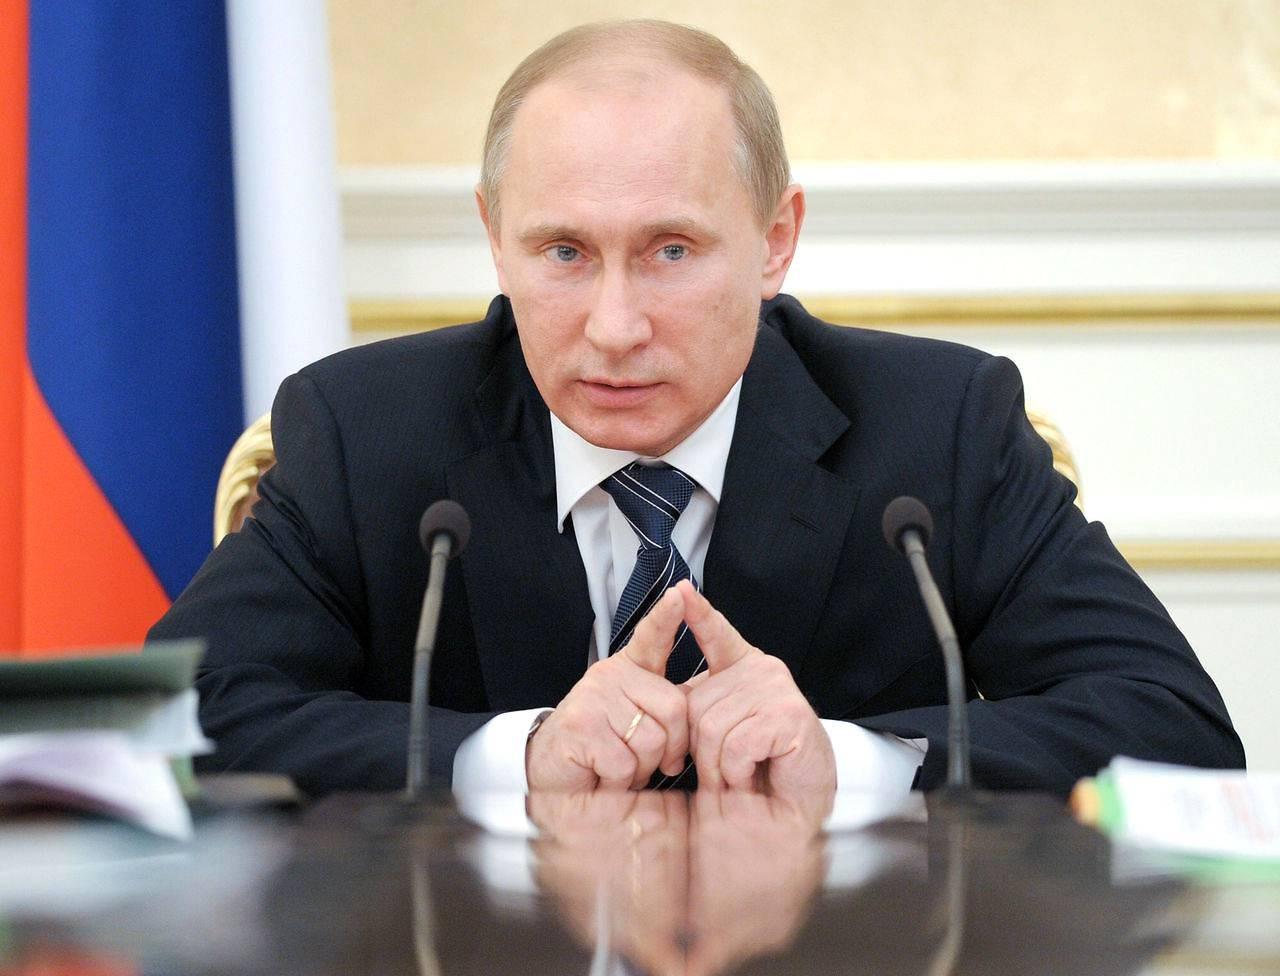 Кремль удерживает интригу оместе проведения— Пресс-конференция президента В. Путина